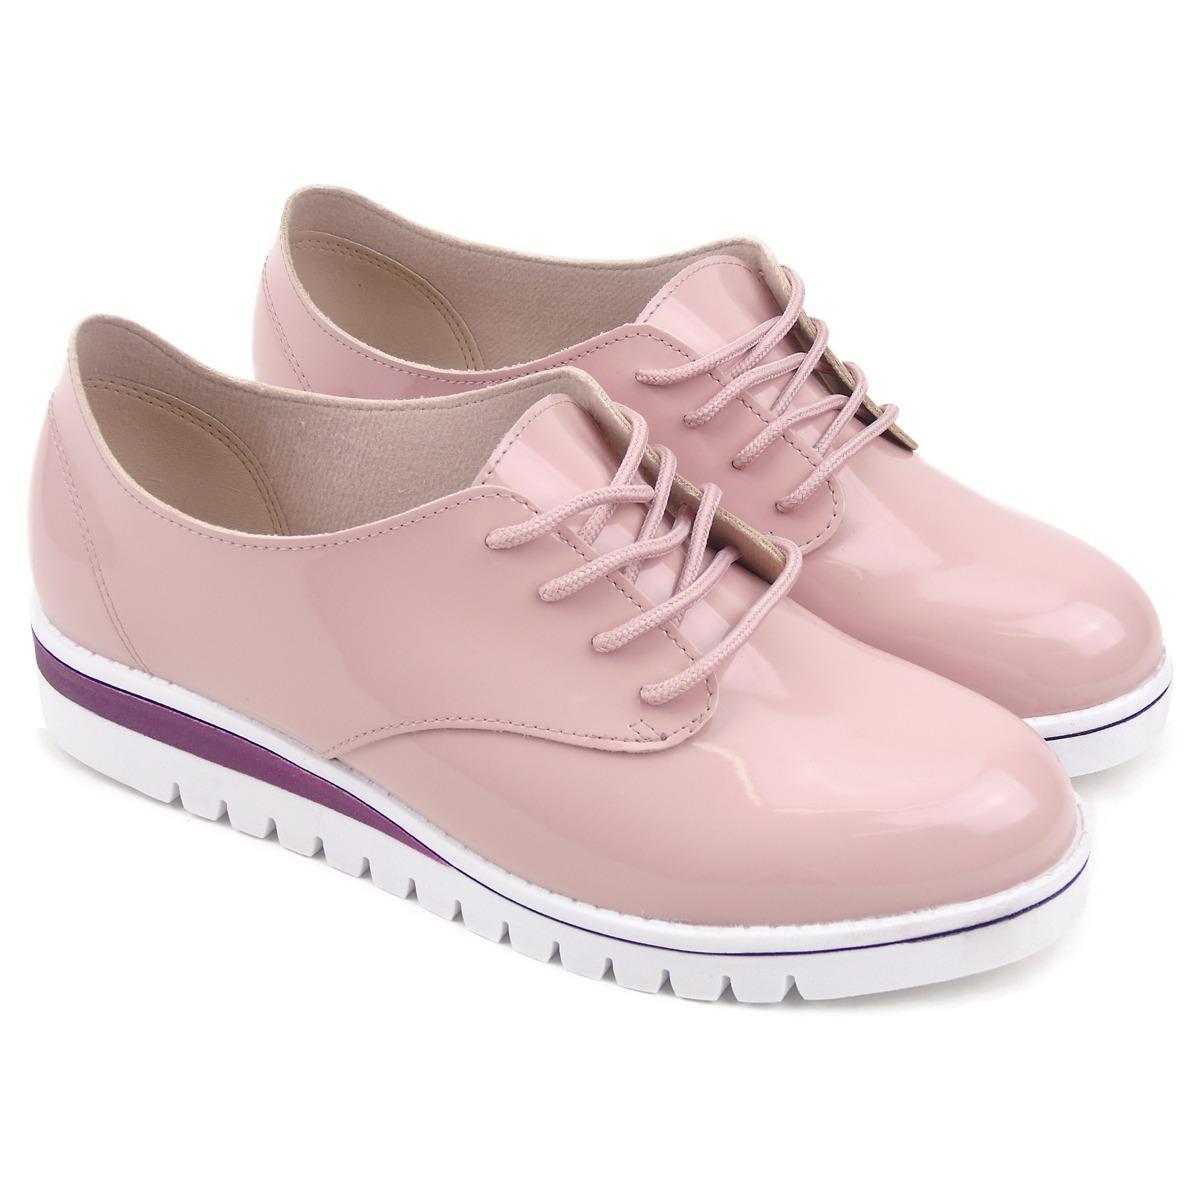 605cf3383 sapato feminino oxford verniz rosa plataforma beira rio. Carregando zoom.